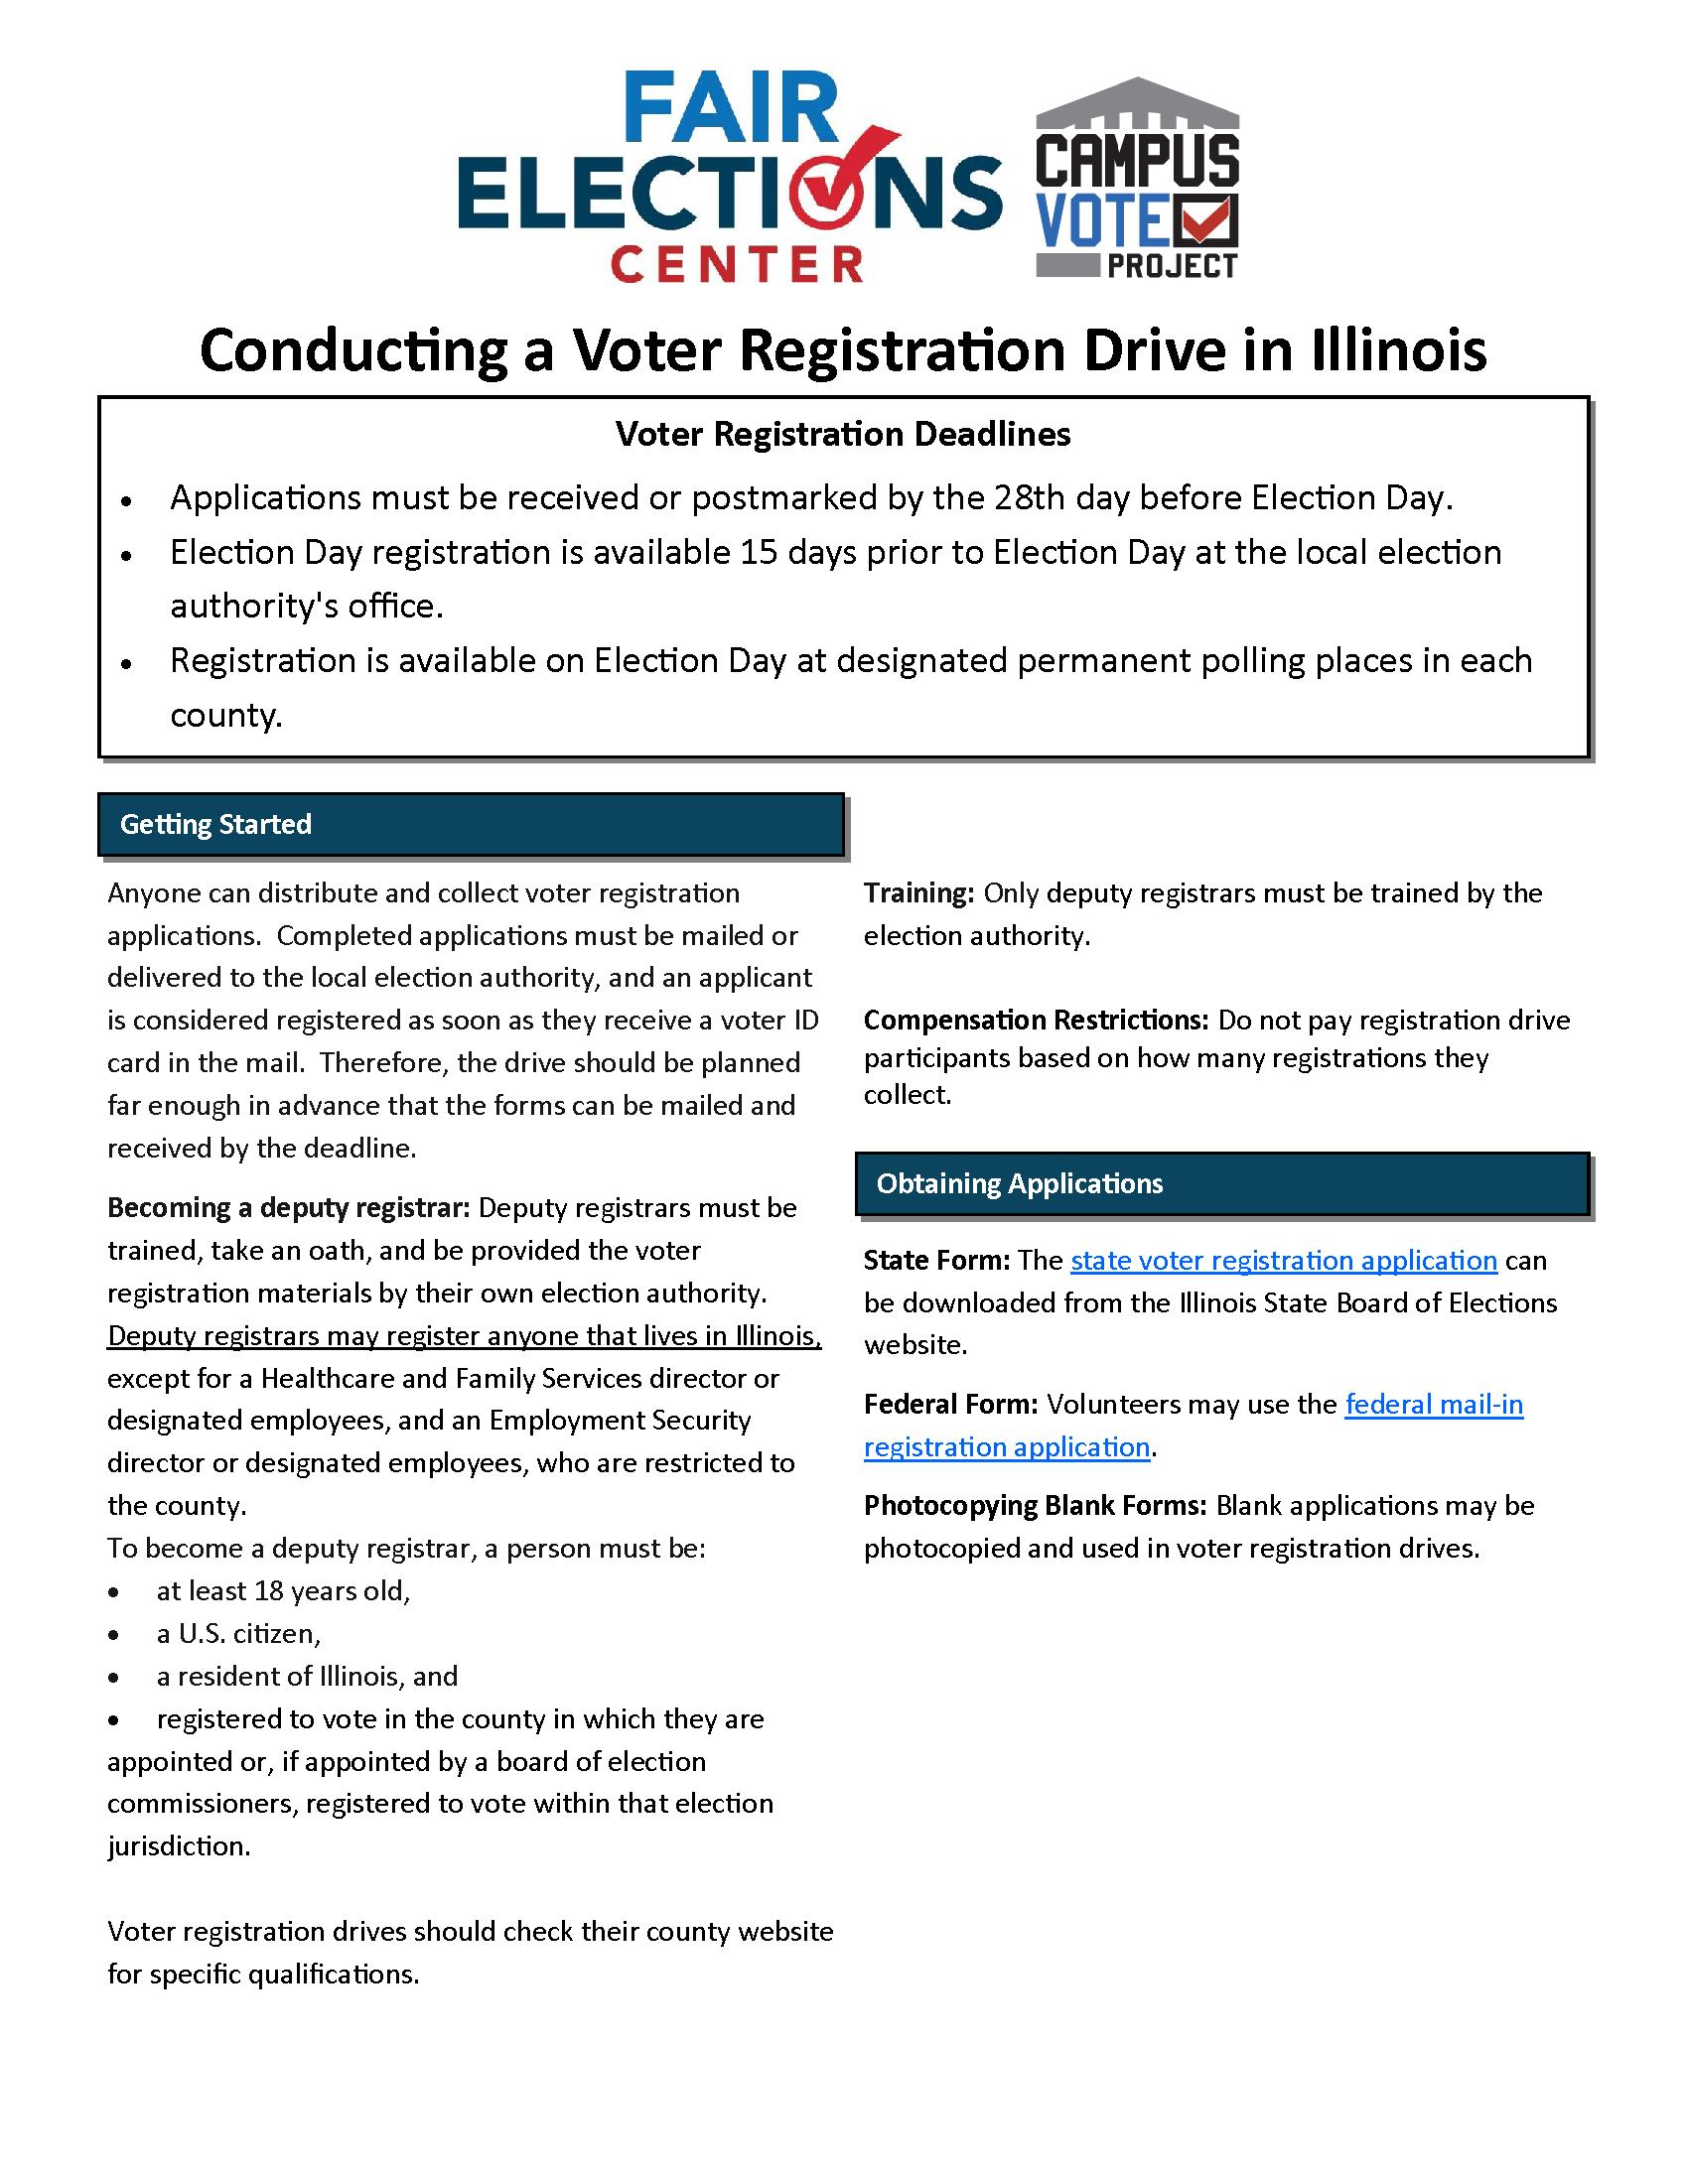 Voter Registration Drives